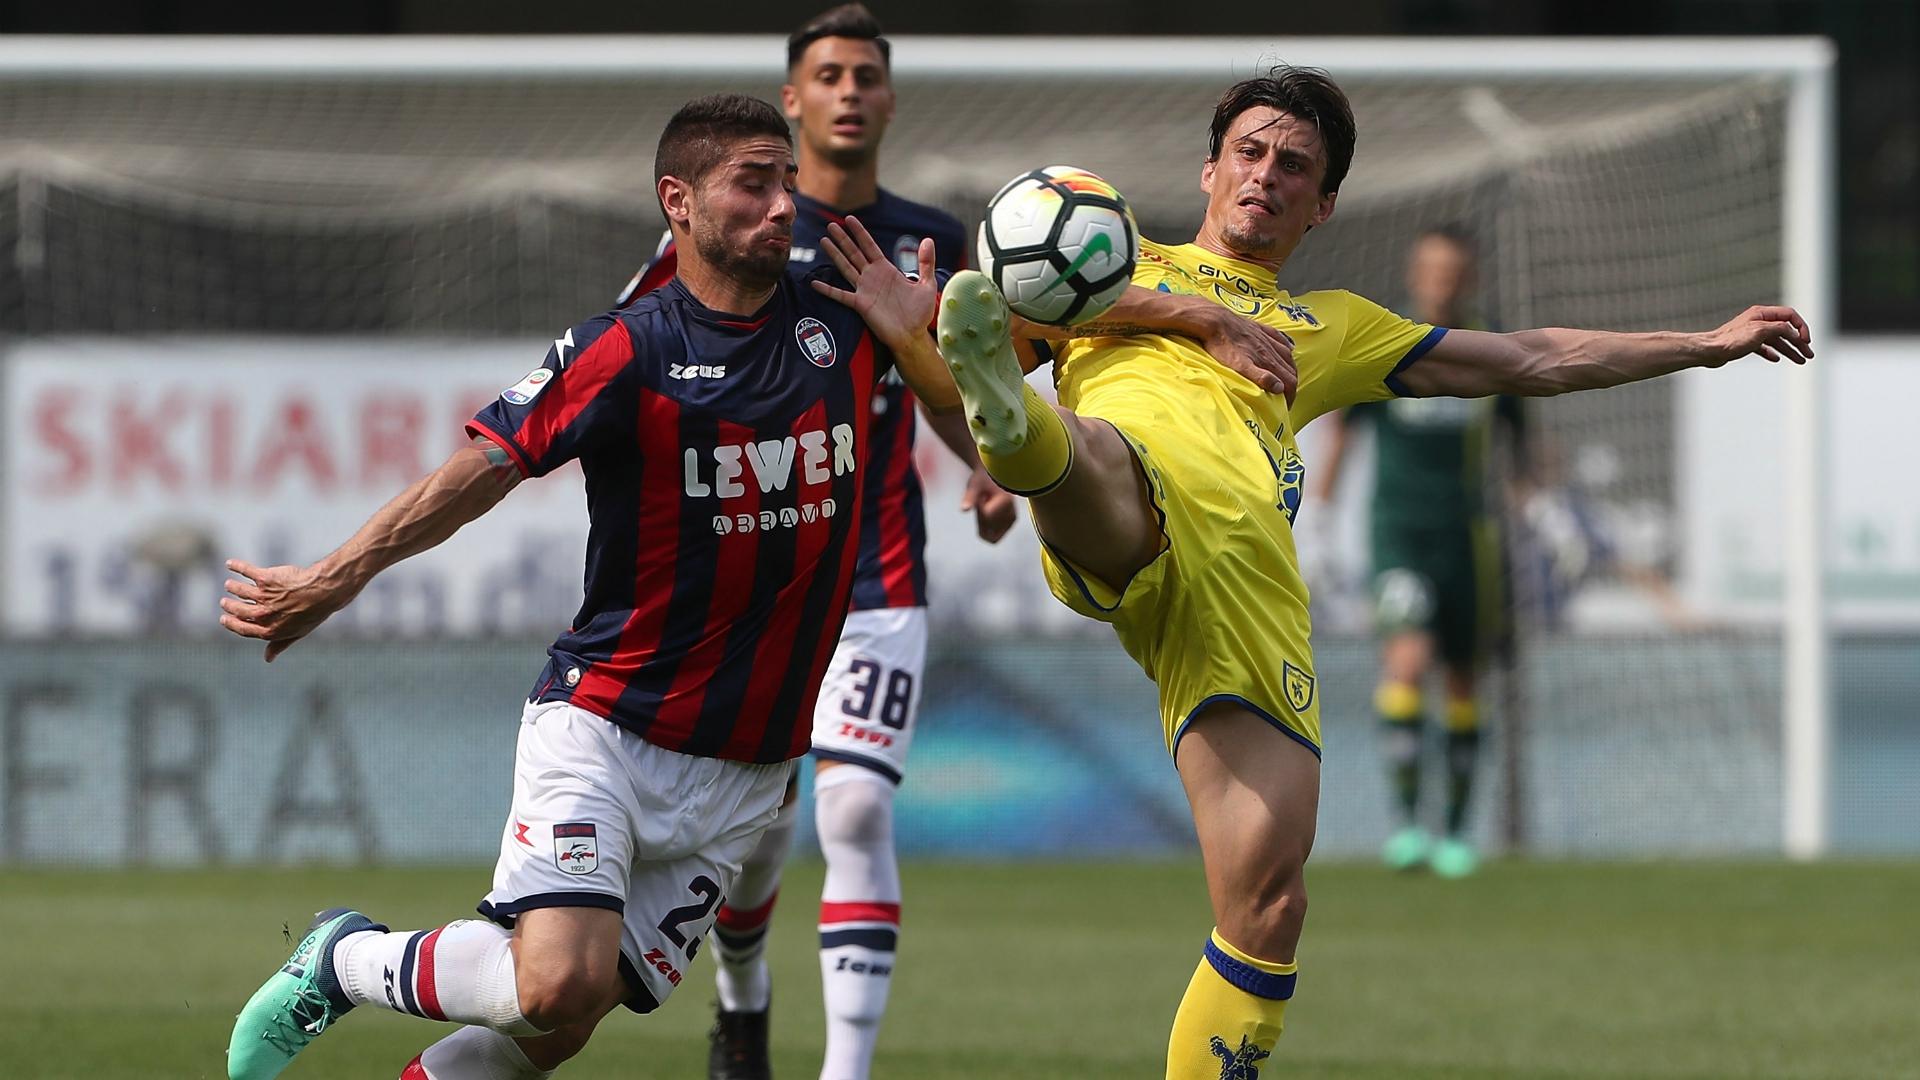 Marco Capuano Roberto Inglese Chievo Crotone Serie A 05062018